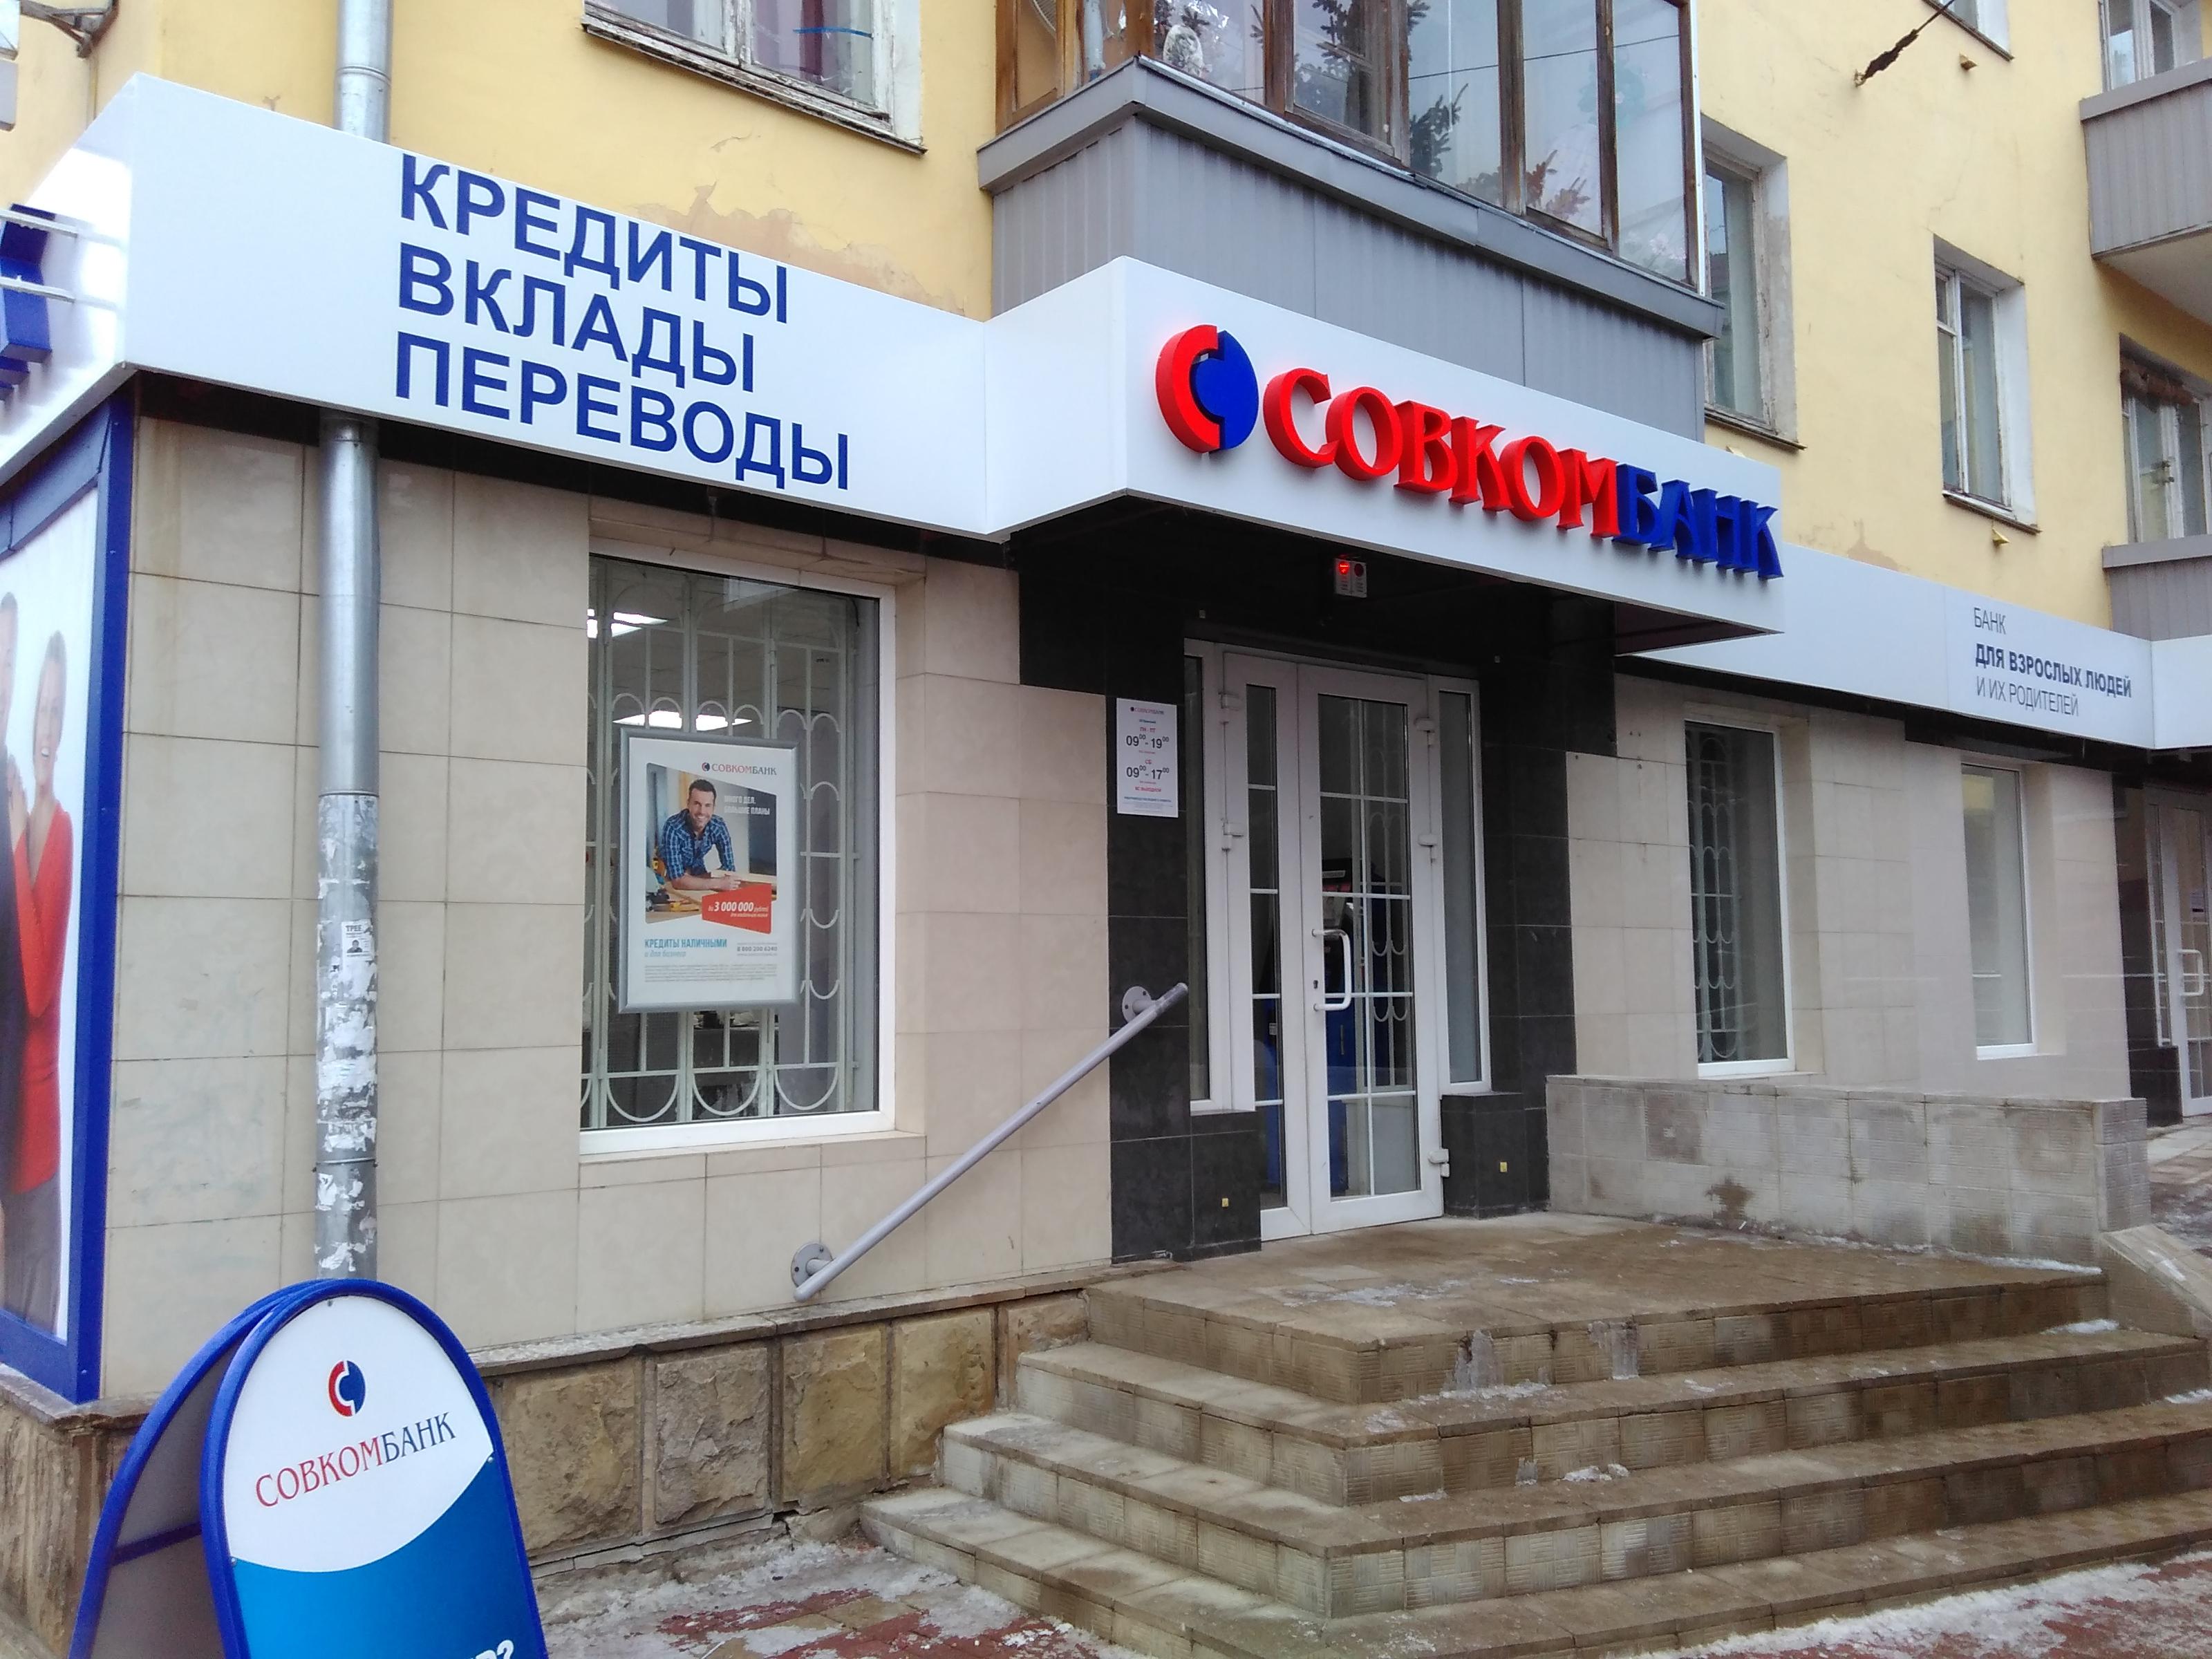 Совкомбанк отделение